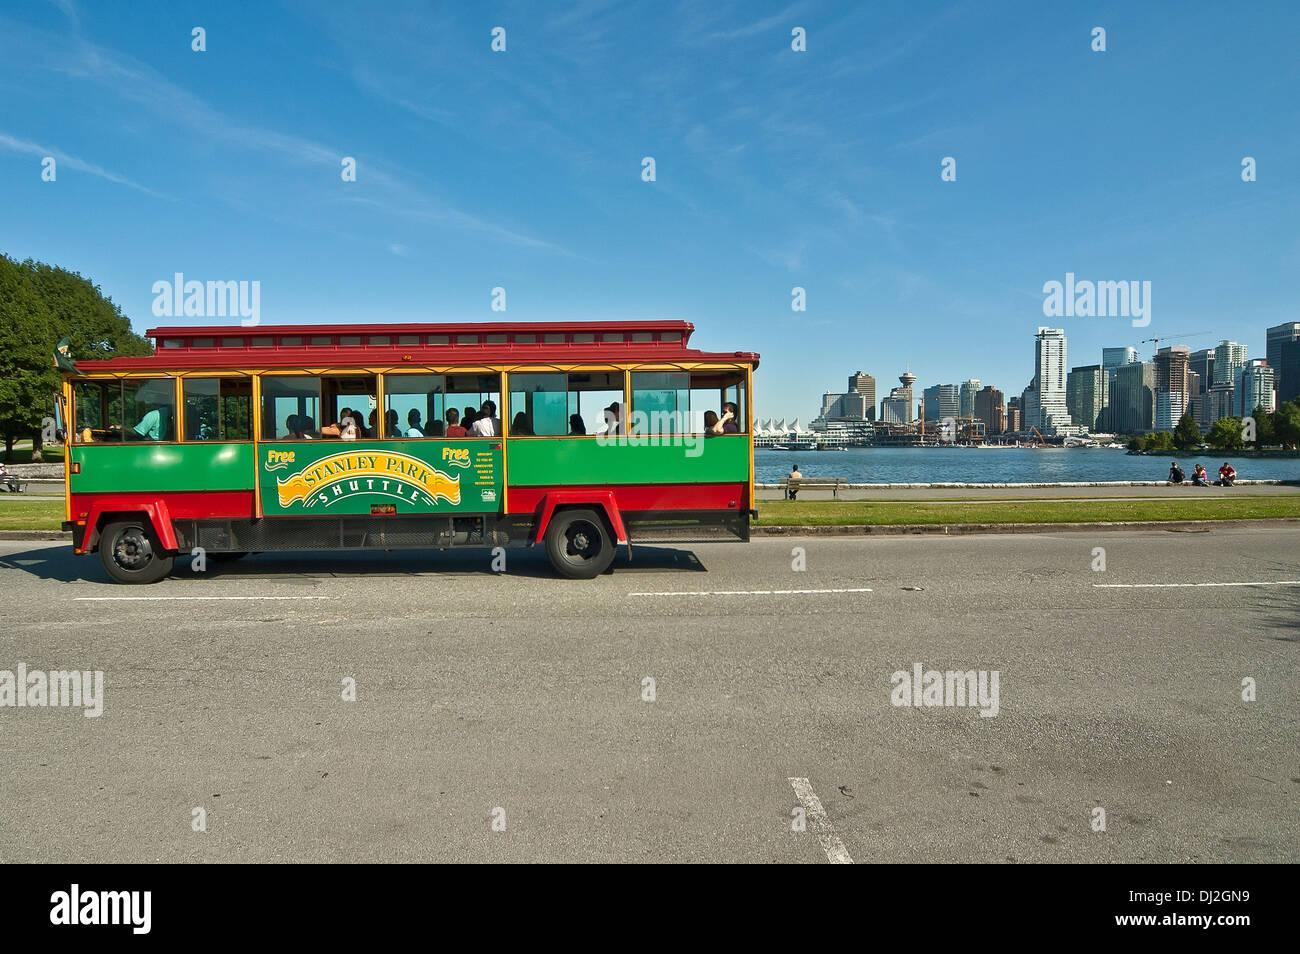 Stanley park Shuttle bus - Stock Image